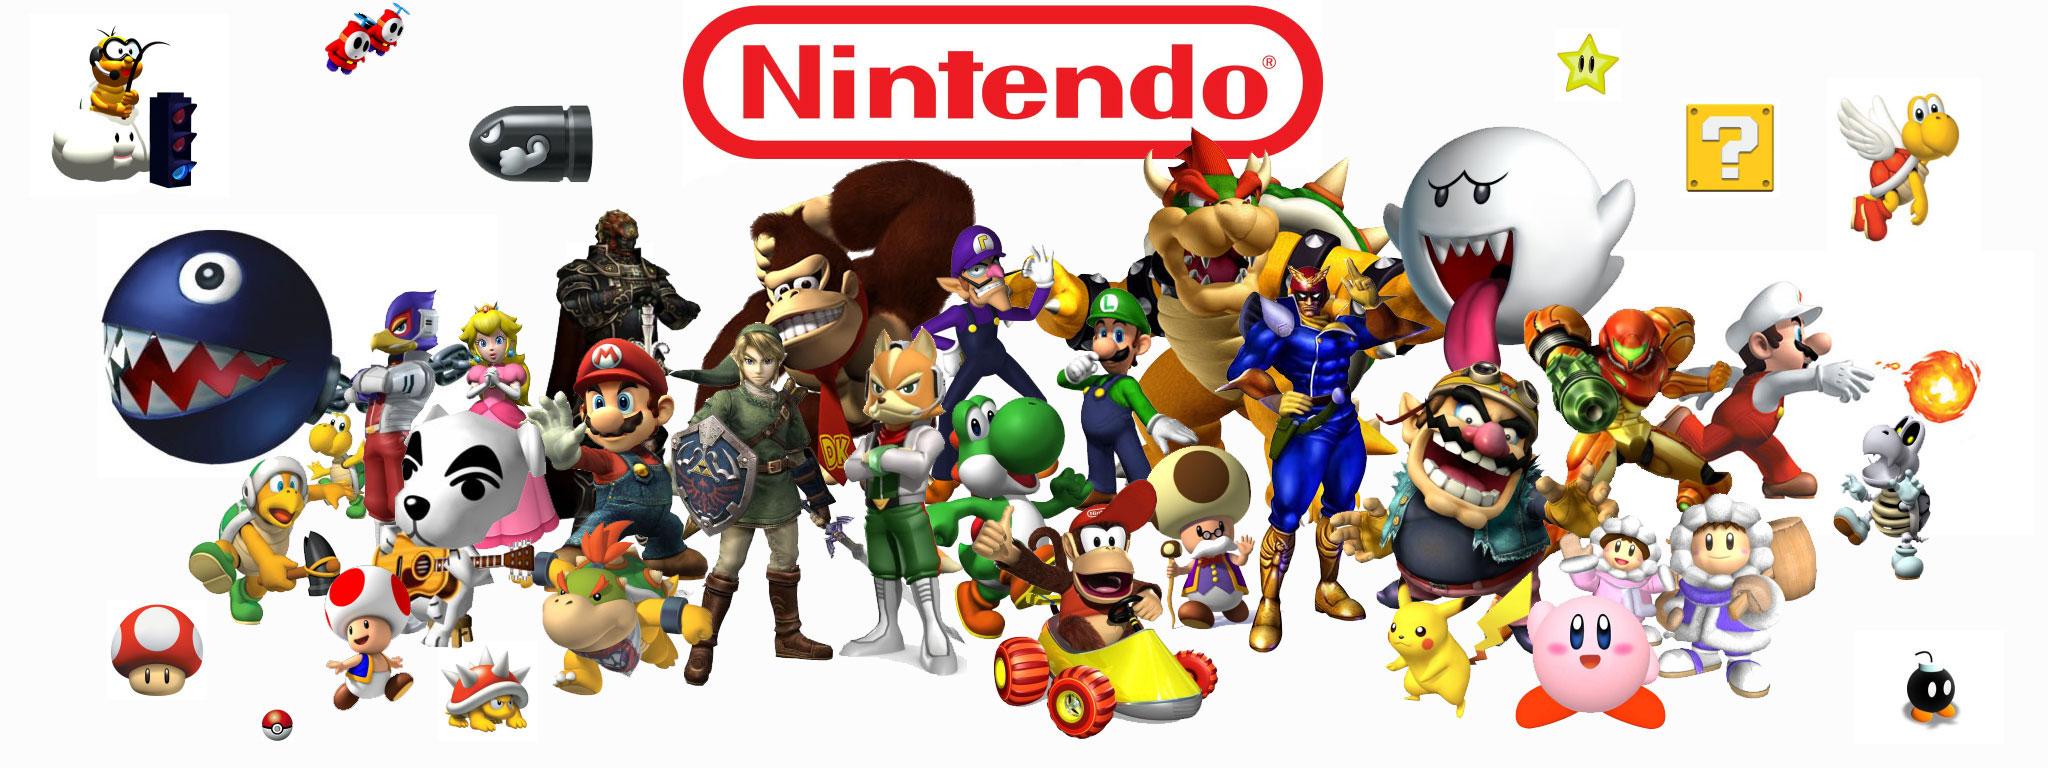 Las ganancias de Nintendo mejoran gracias a la Wii U y 3DS